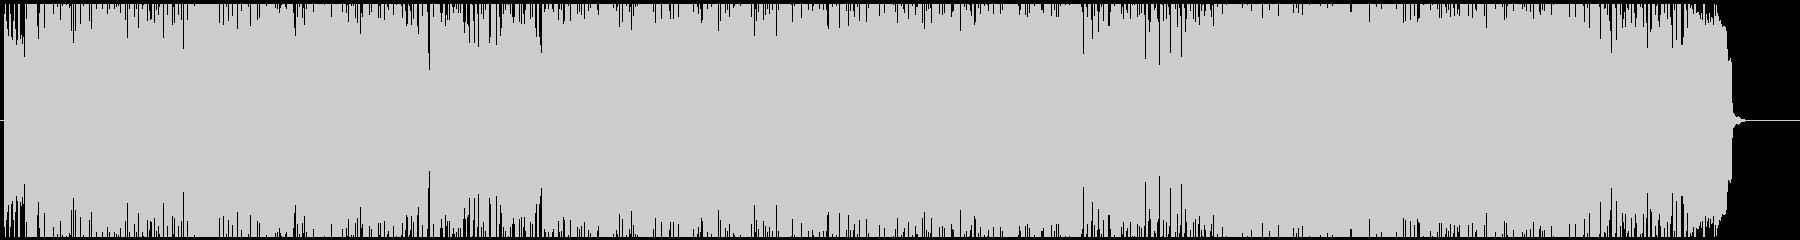 南国風アップテンポのサーフギターポップの未再生の波形